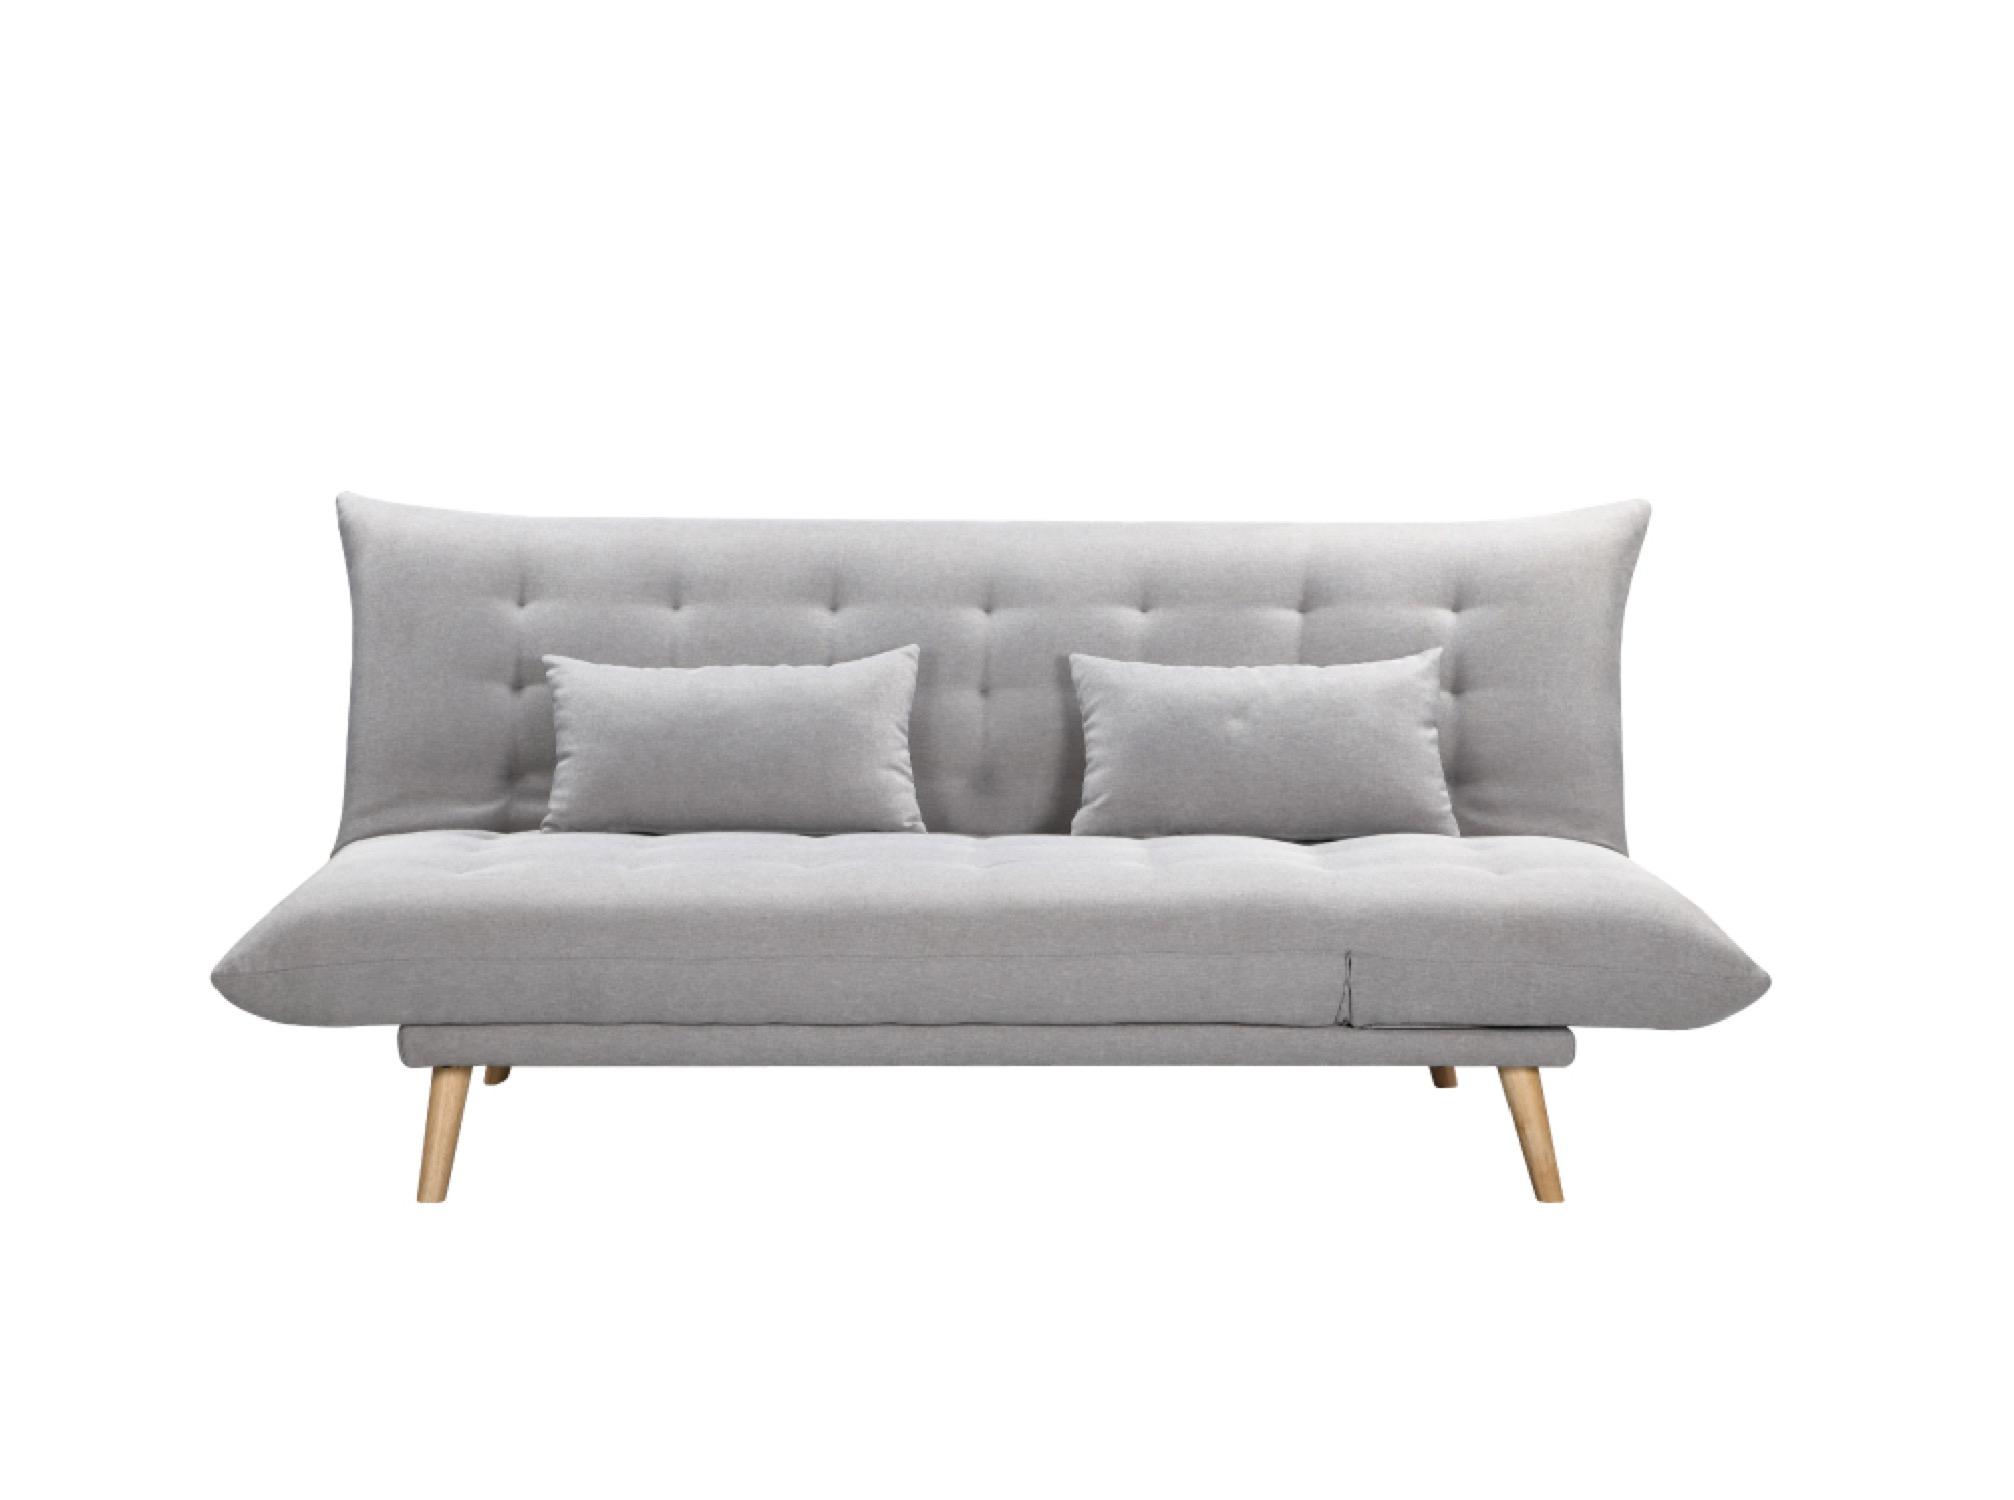 Canapé droit gris clair convertible en tissu